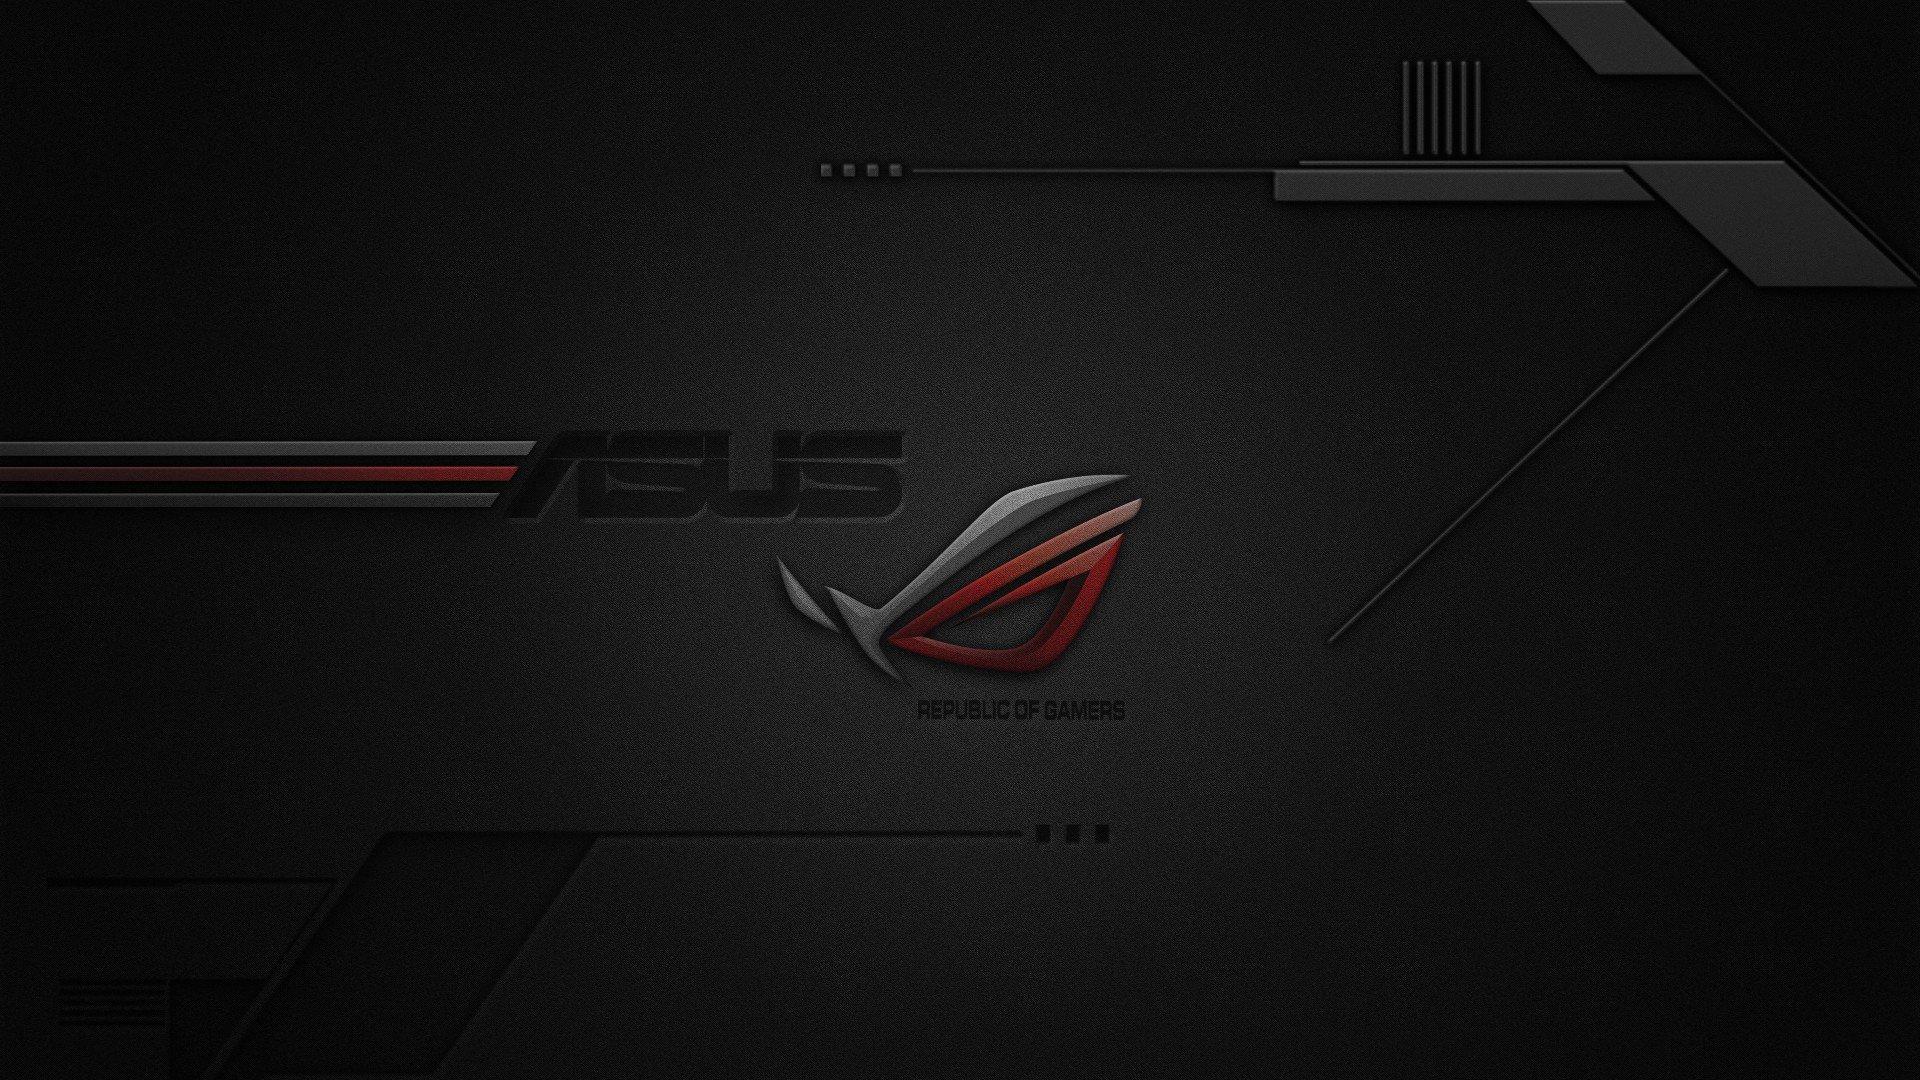 Republic of gamers asus asus rog hd wallpapers desktop - Asus gamers republic wallpaper ...